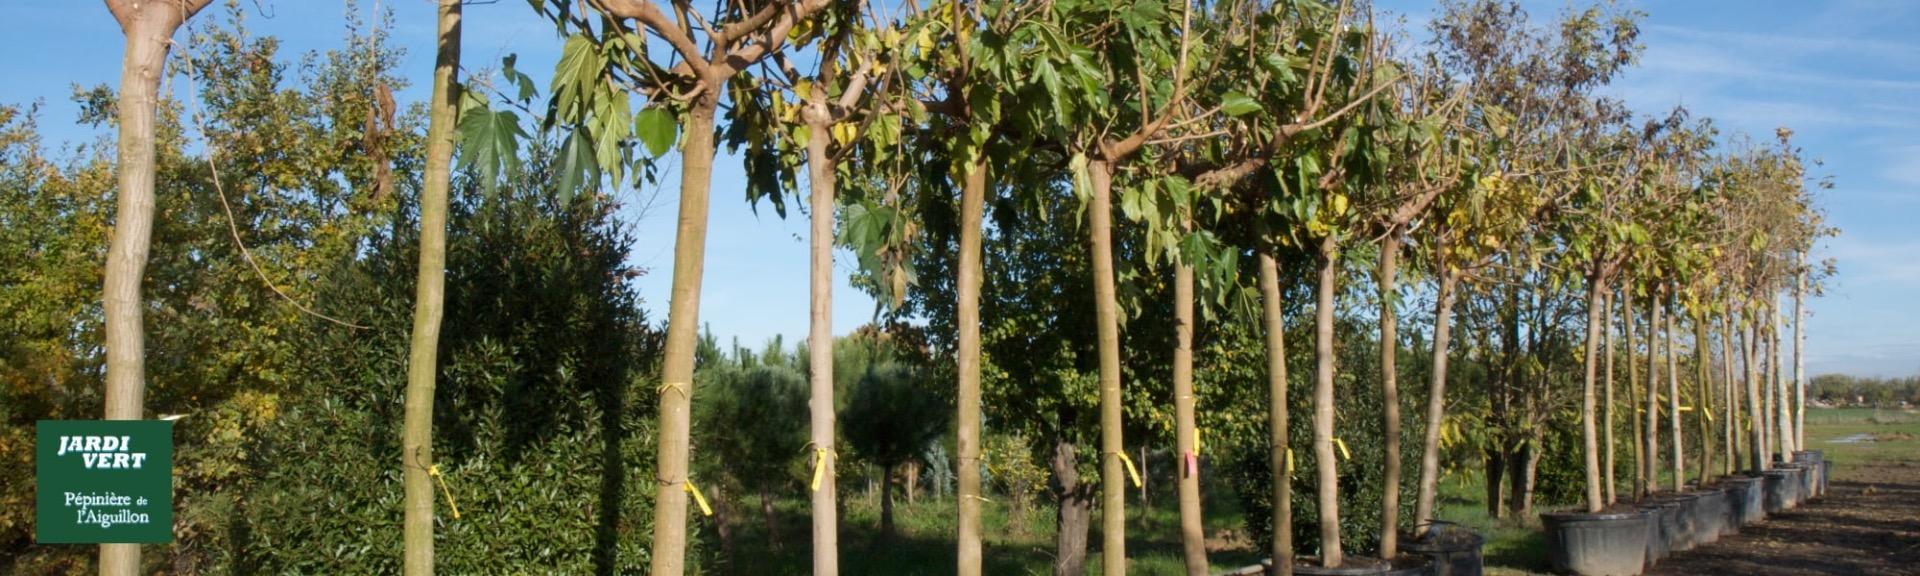 Vente, livraison et plantation de murier - Pépinière de l'Aiguillon producteur Toulouse